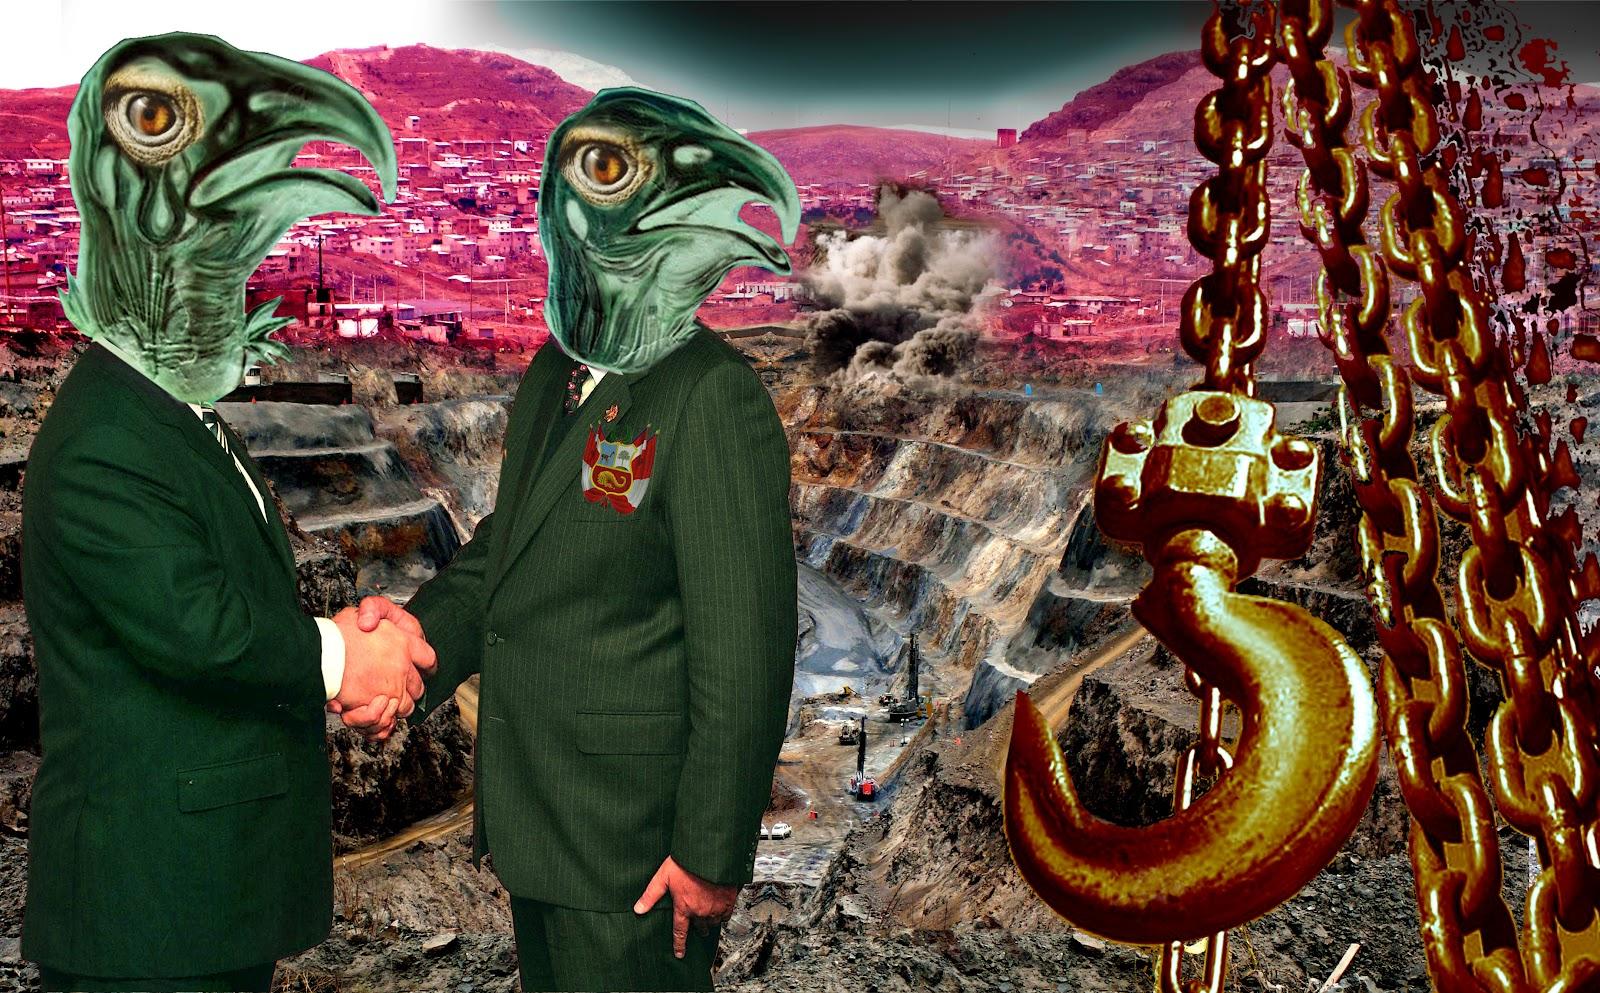 Del innovador muralista Olfer Leonardo http://olferleonardo.blogspot.com.ar/